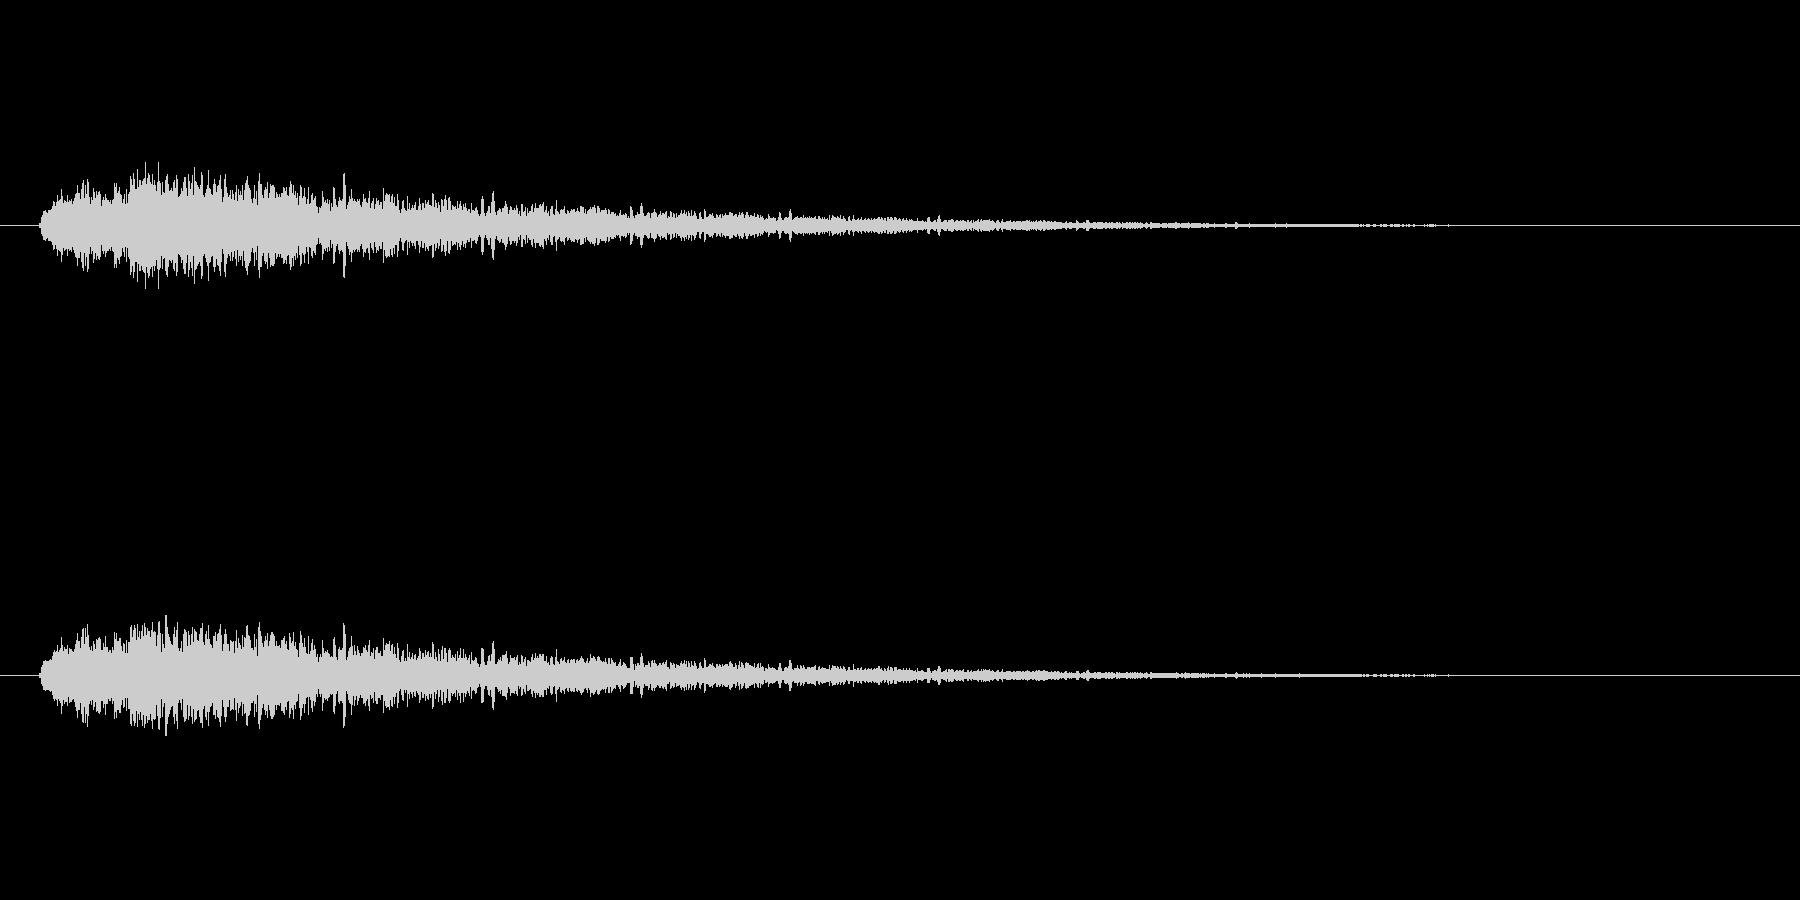 【アクセント30-2】の未再生の波形